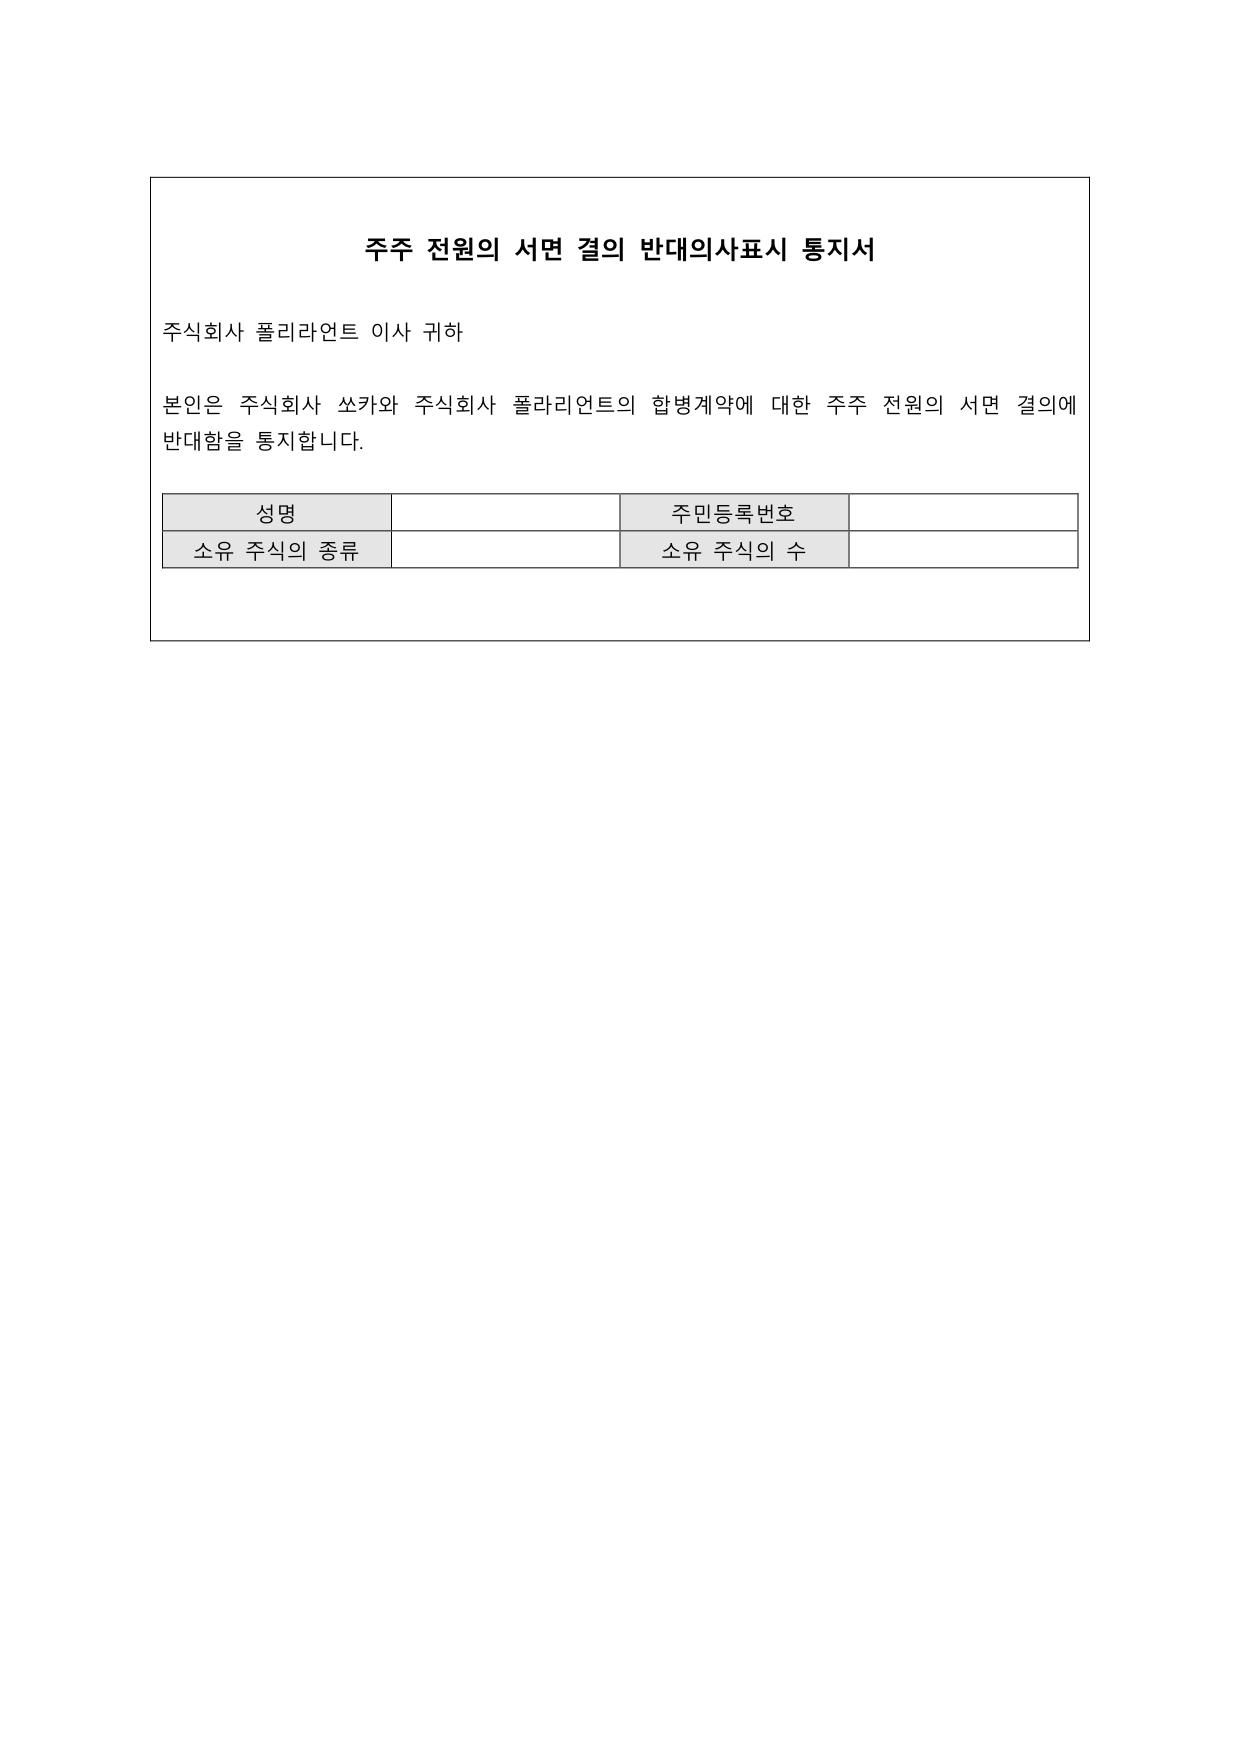 폴라리언트_소규모 합병 공고 복사본.png